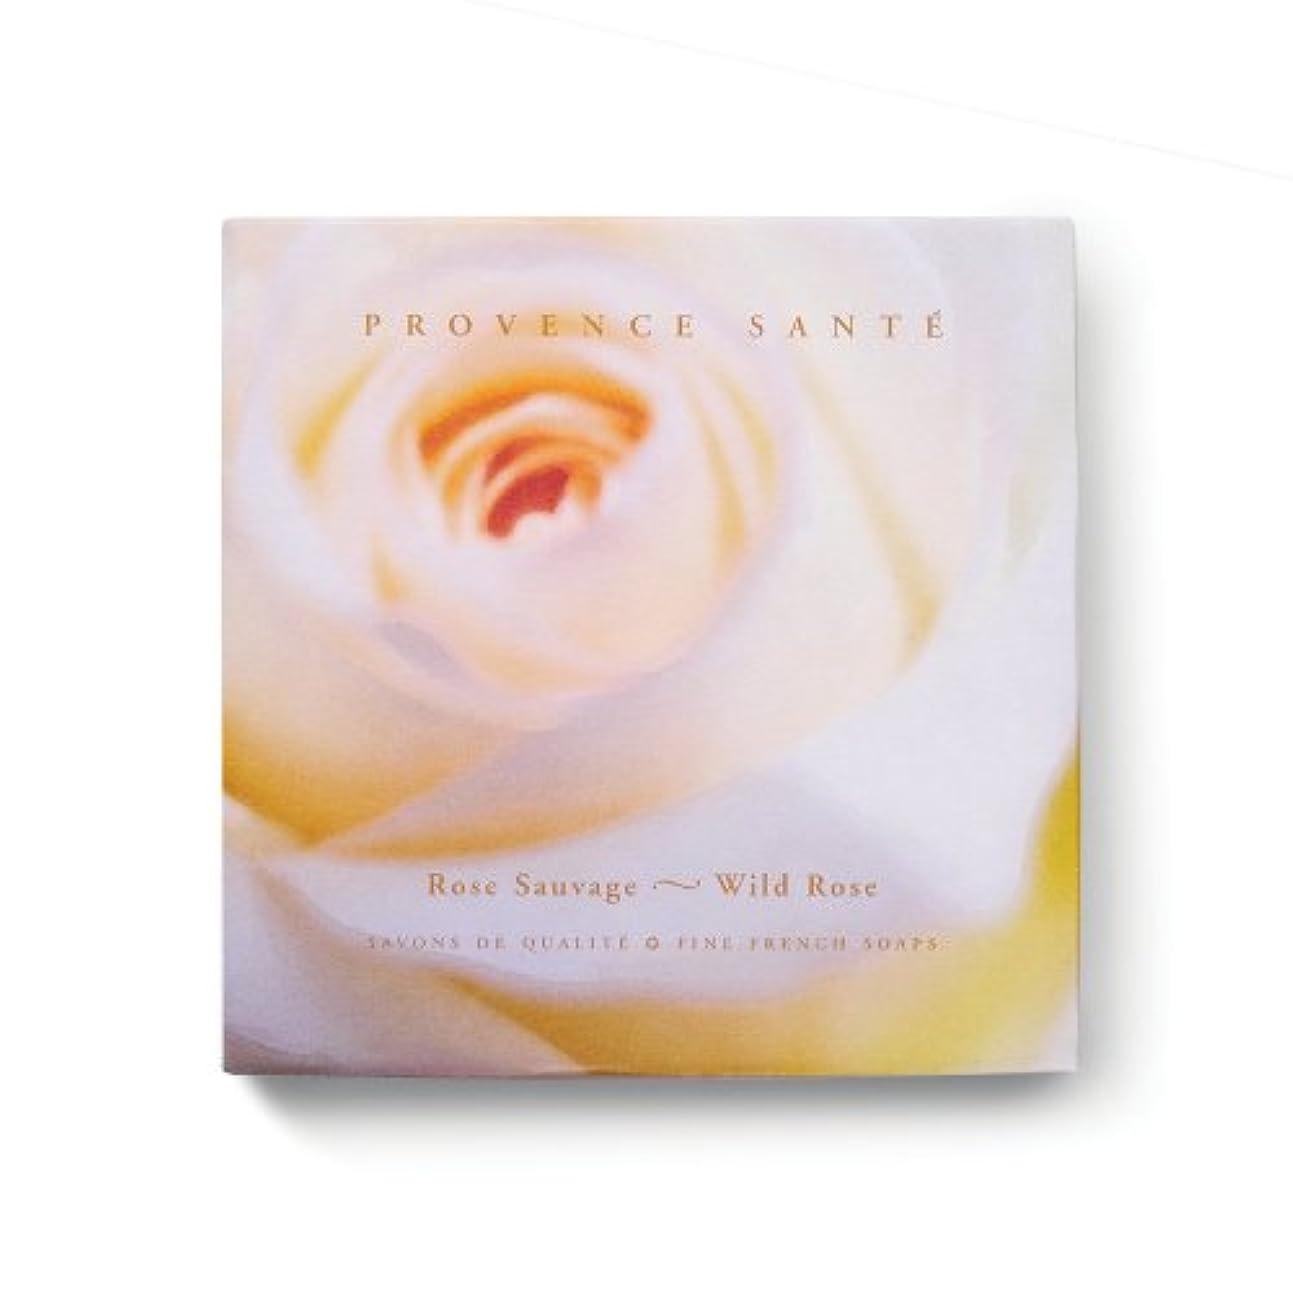 噛む保存下品Provence Sante PS Gift Soap Wild Rose, 2.7oz 4 Bar Gift Box by Provence Sante [並行輸入品]